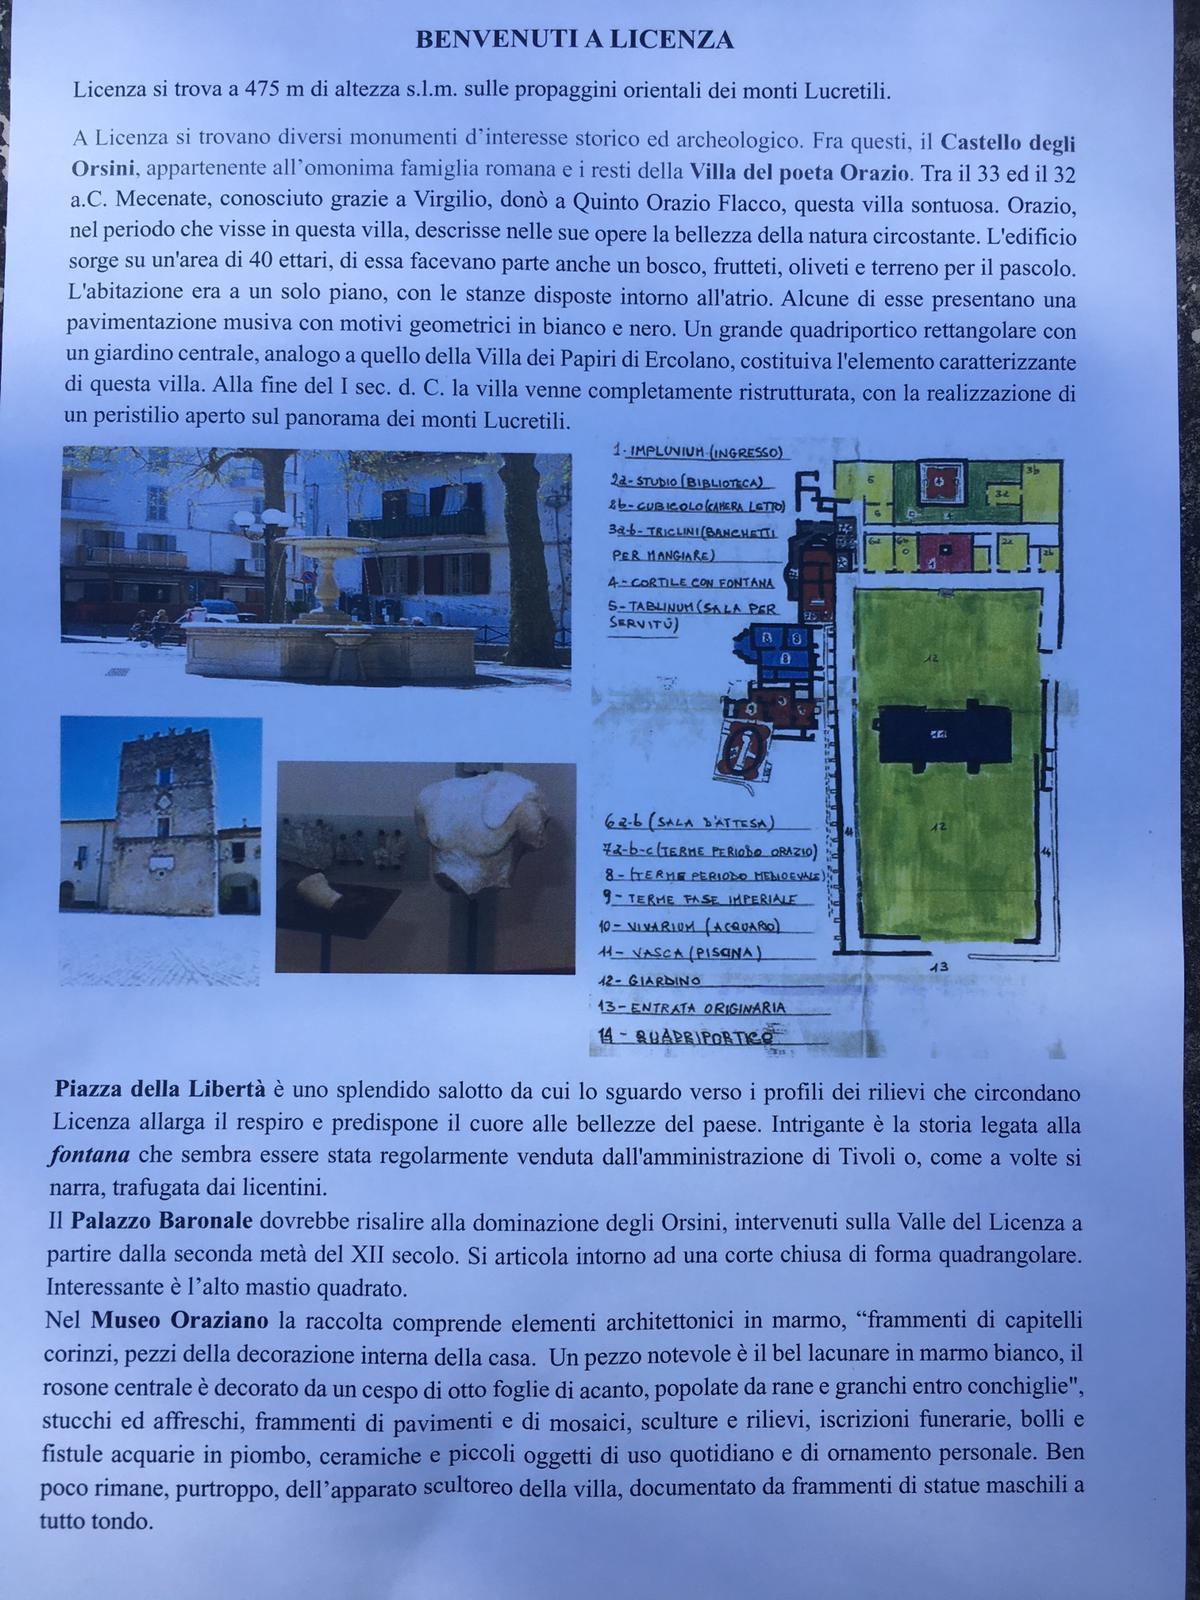 28 giugno giornata di cultura nel comune di Licenza: visita guidata  villa di Orazio e museo Oraziano